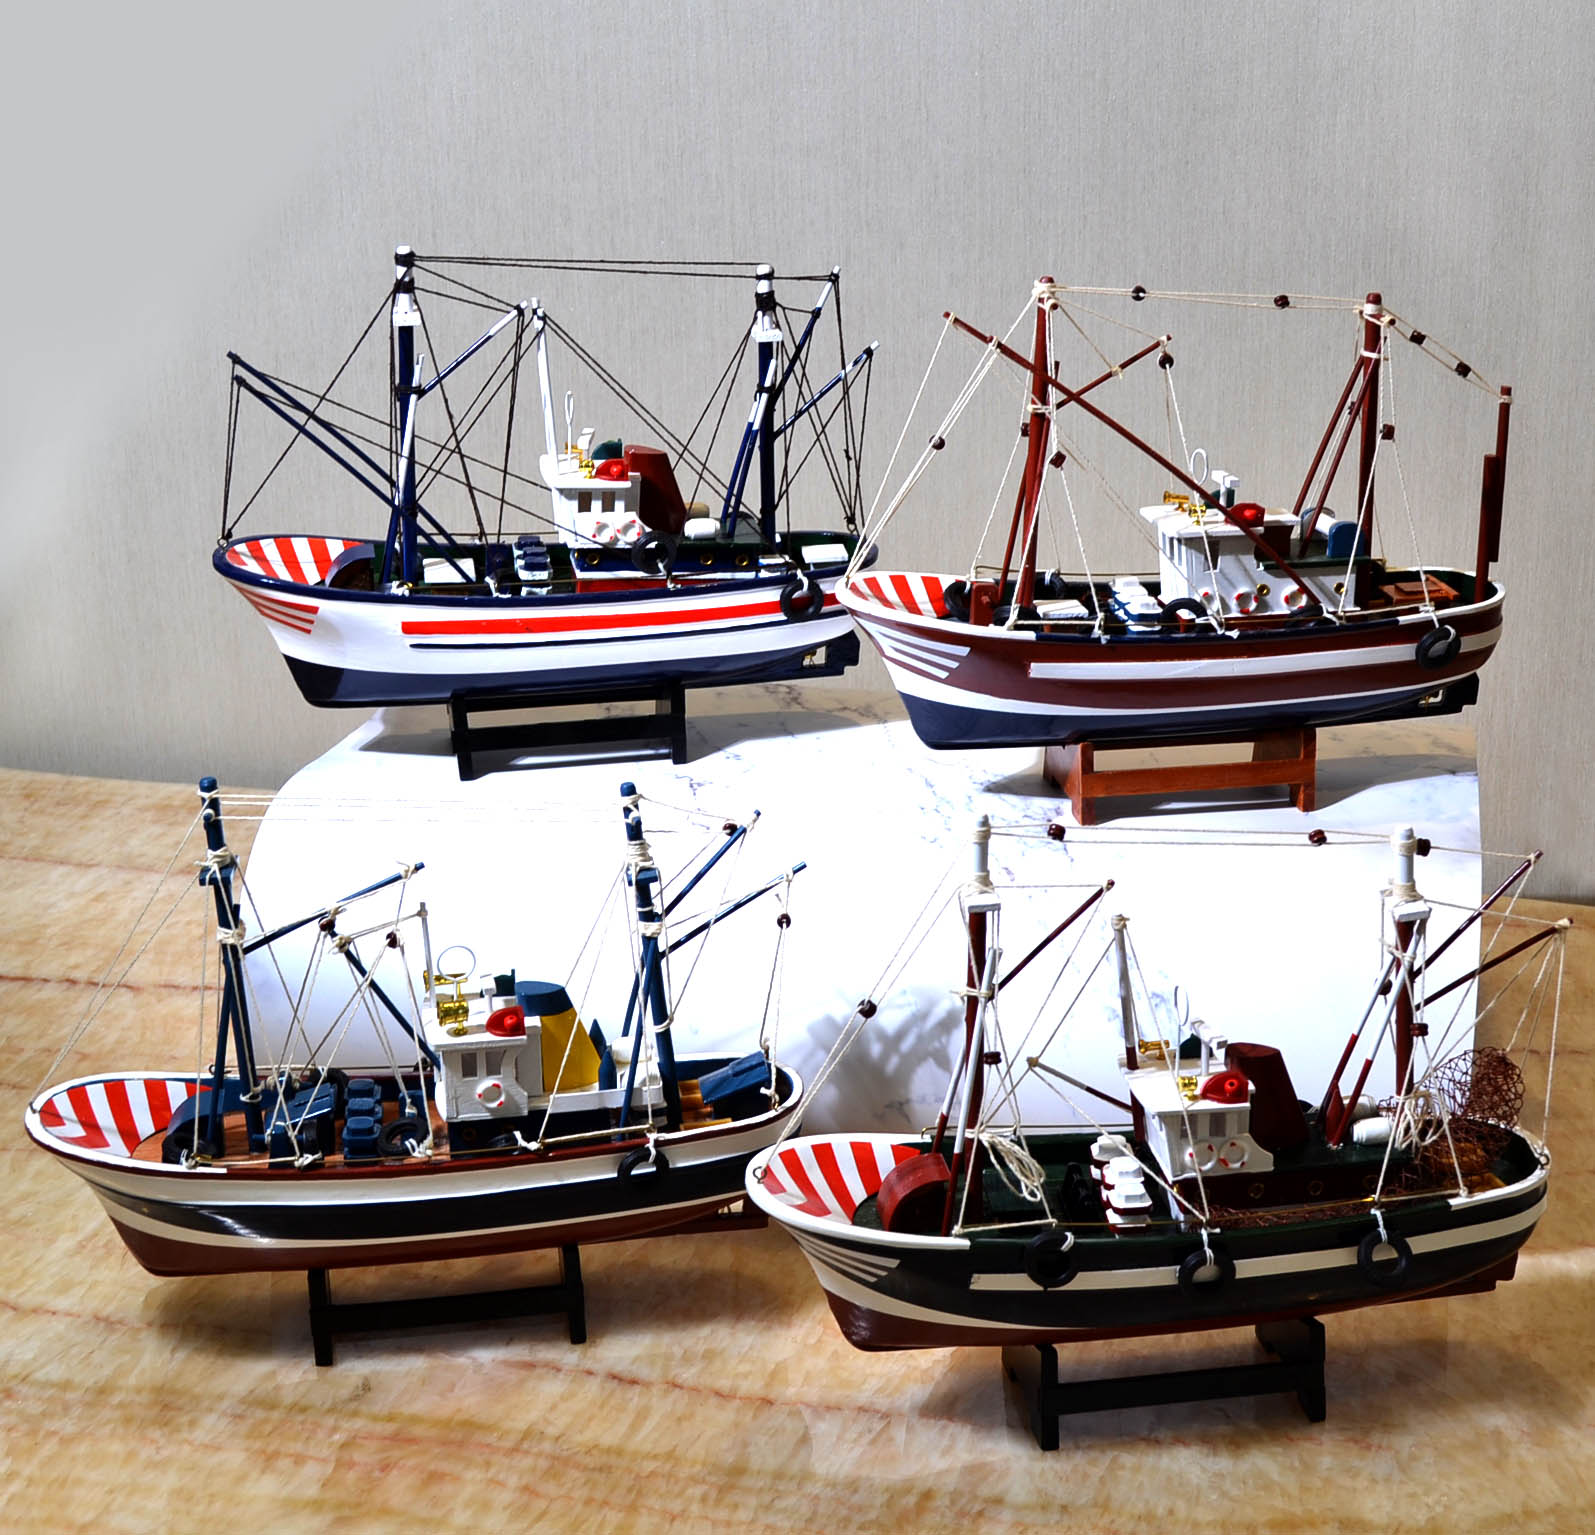 Style méditerranéen décoration de la maison bateau modèle en bois massif chambre d'enfants meublé avec voile lisse bateau de pêche bateau artisanal - 2